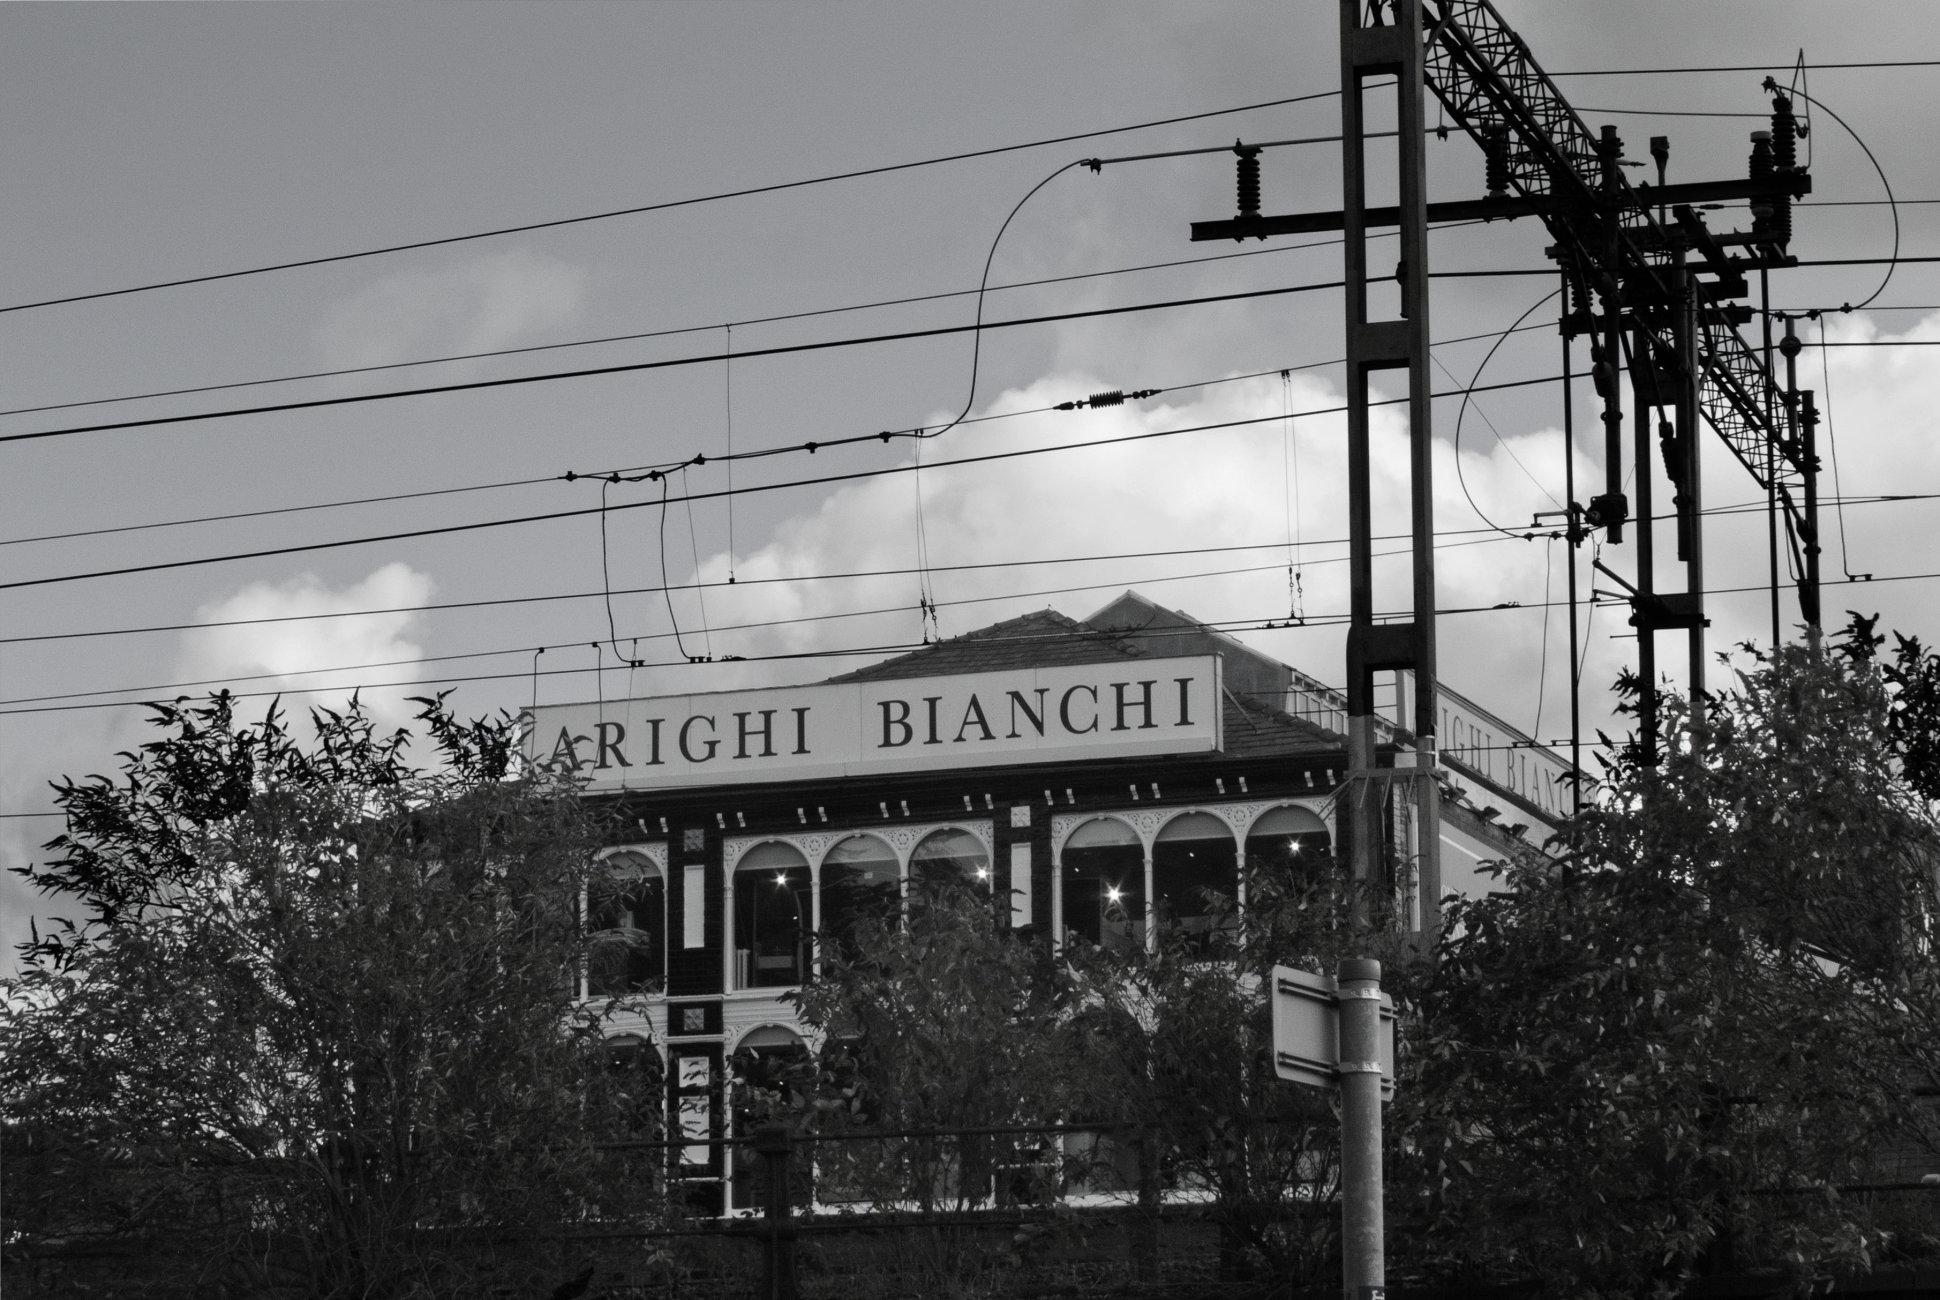 Arighi Bianchi, Macclesfield.